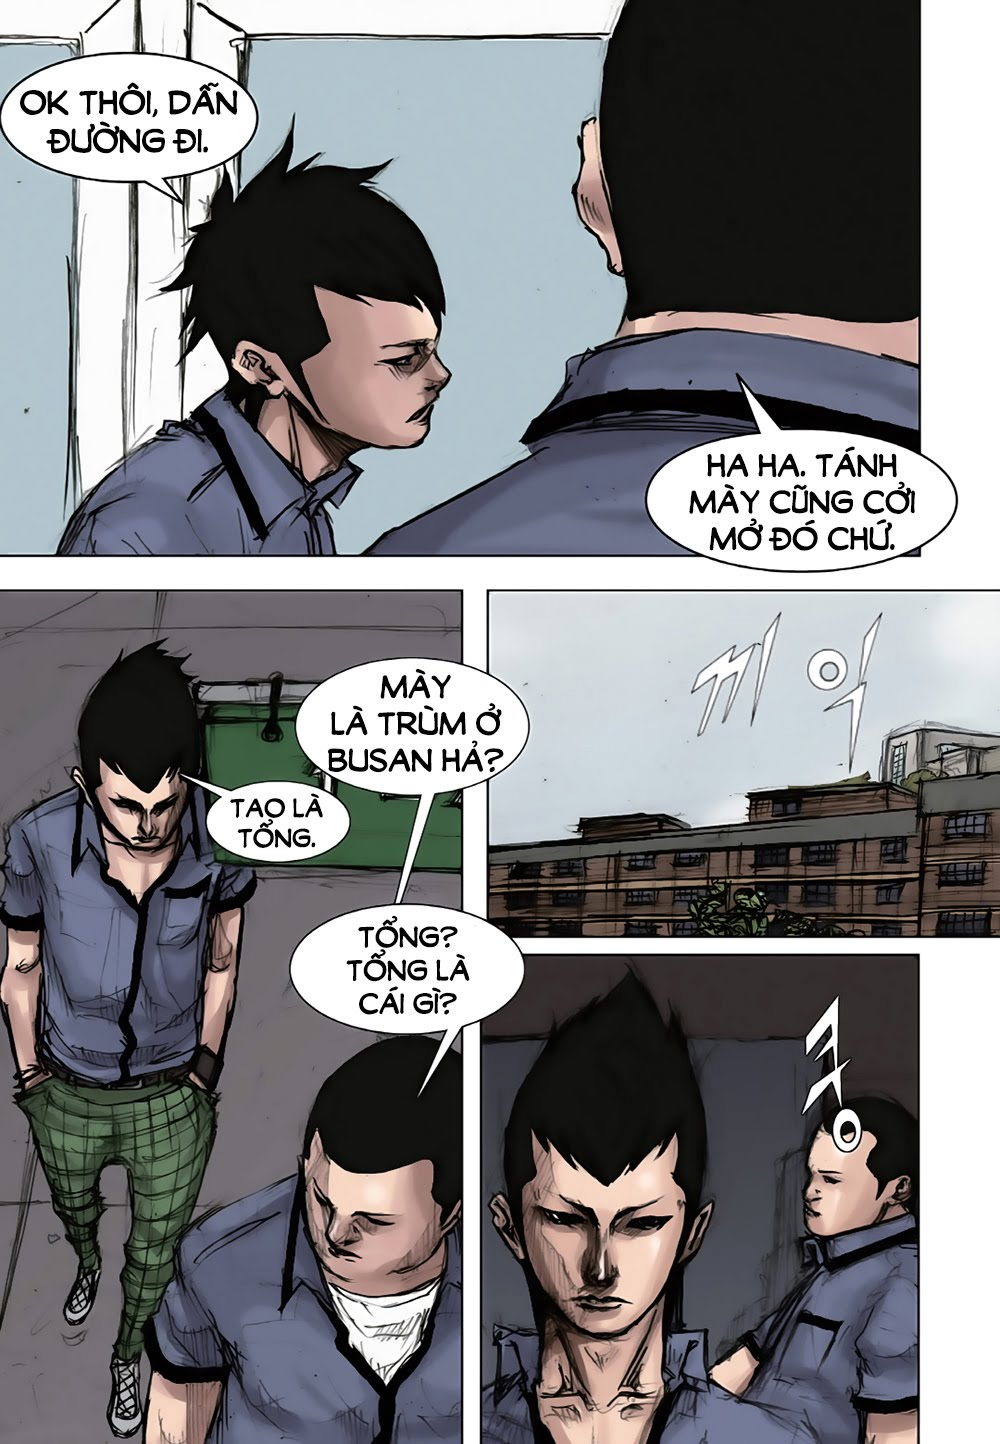 Tong phần 1-1 trang 29